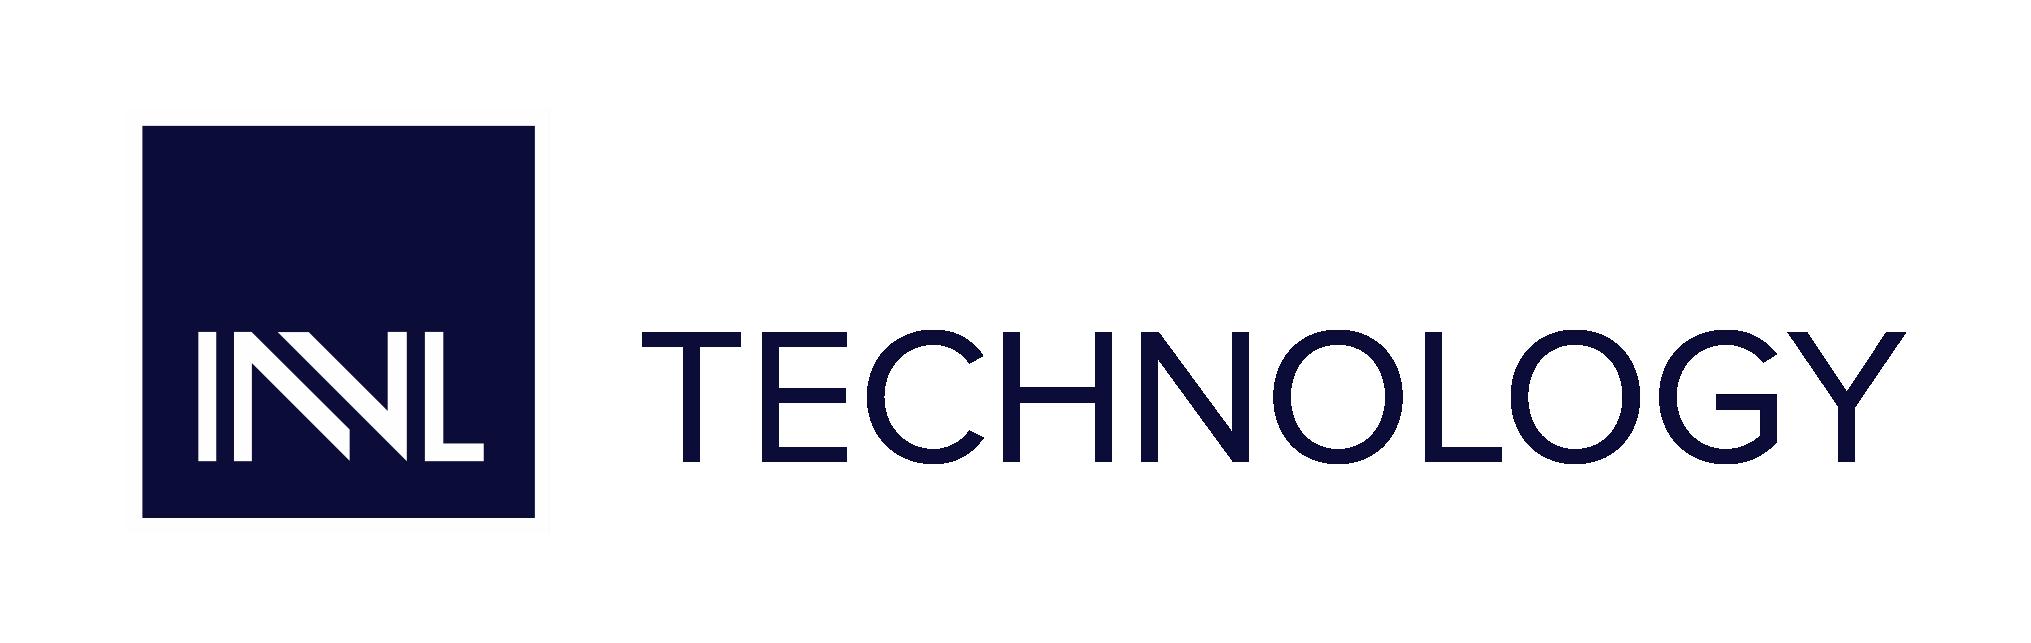 INVL_TECHNOLOGY_logo.png